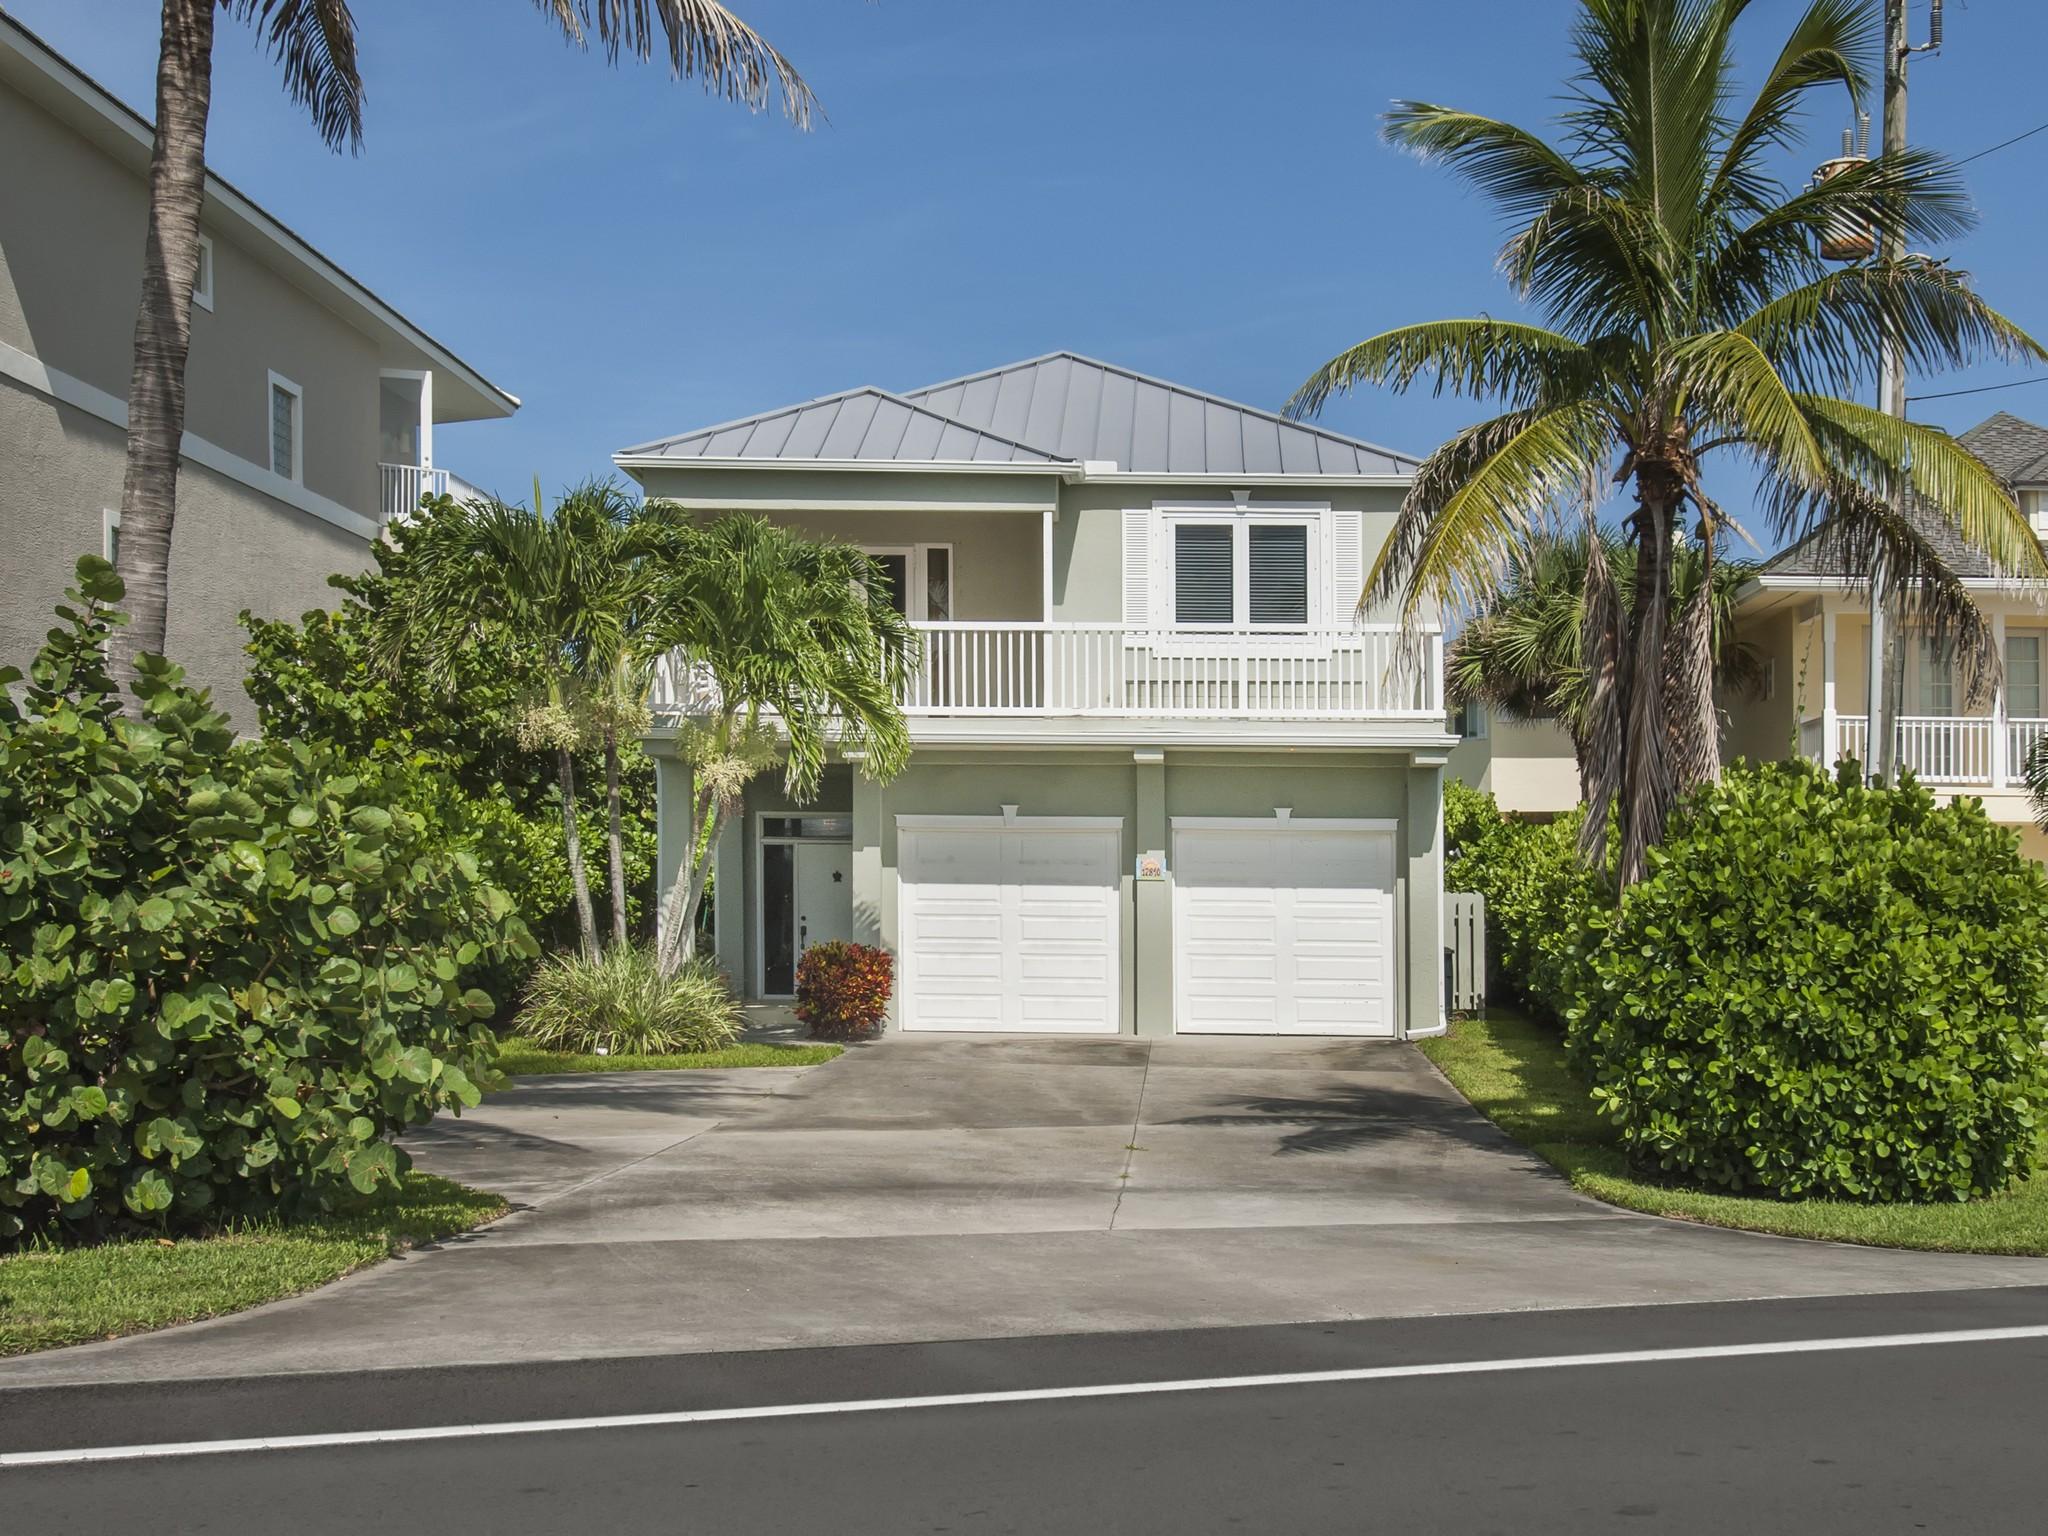 獨棟家庭住宅 為 出售 在 Charming Ocean to River Home 12890 Highway A1A Vero Beach, 佛羅里達州 32963 美國